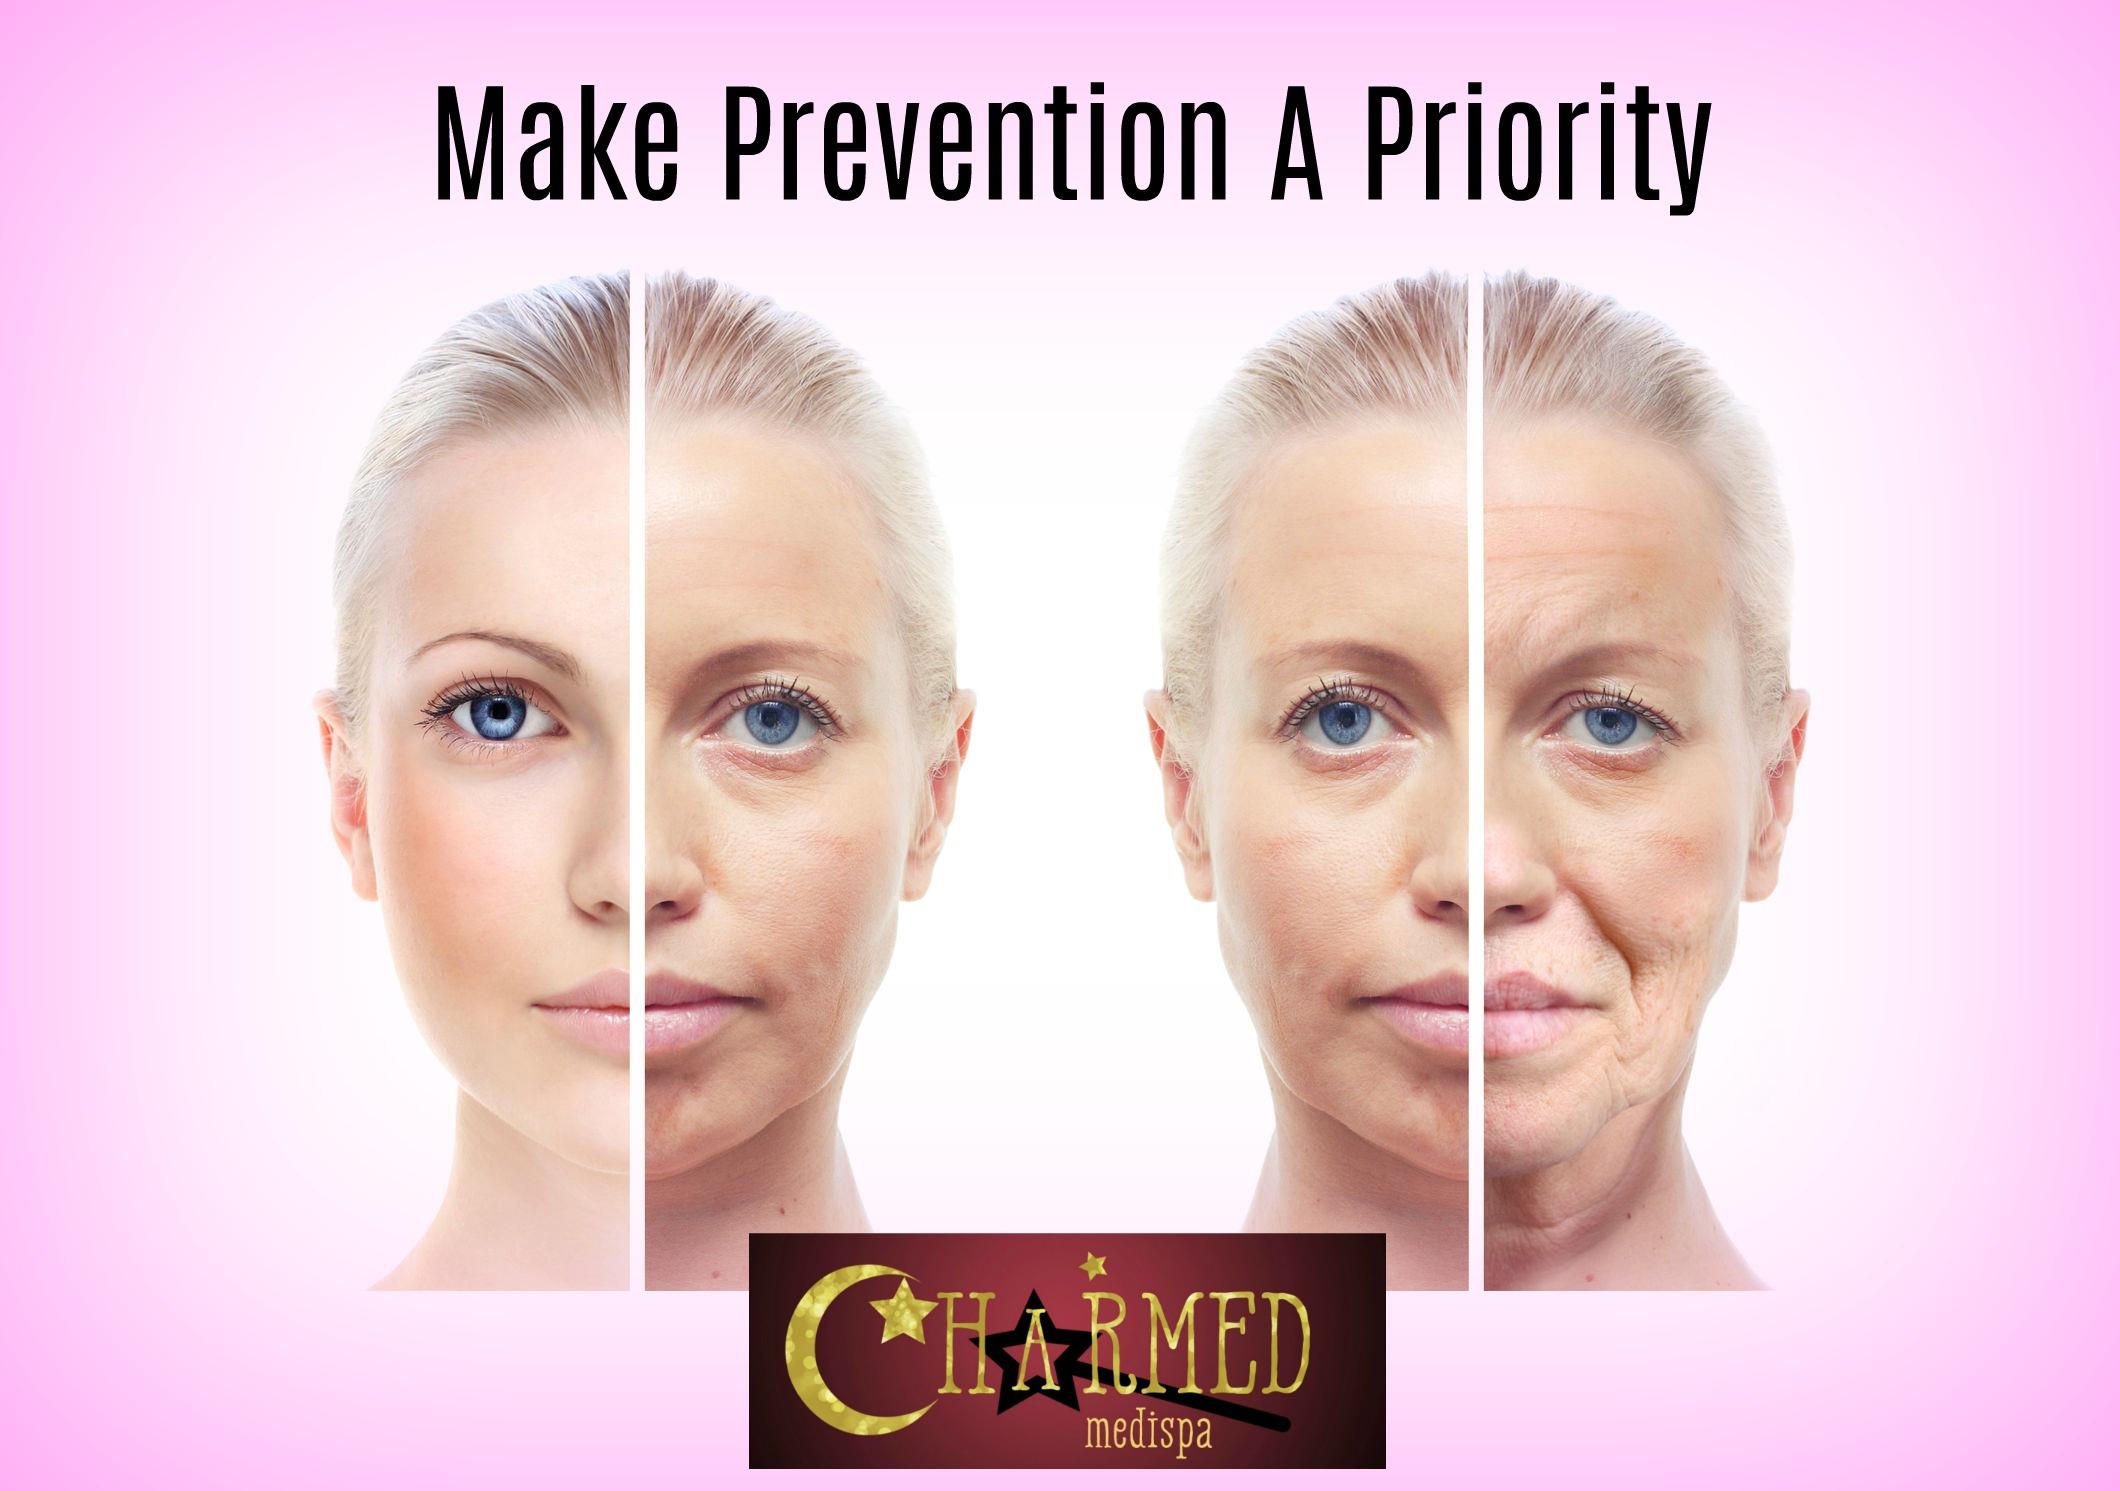 filler botox lasers skin care delaware